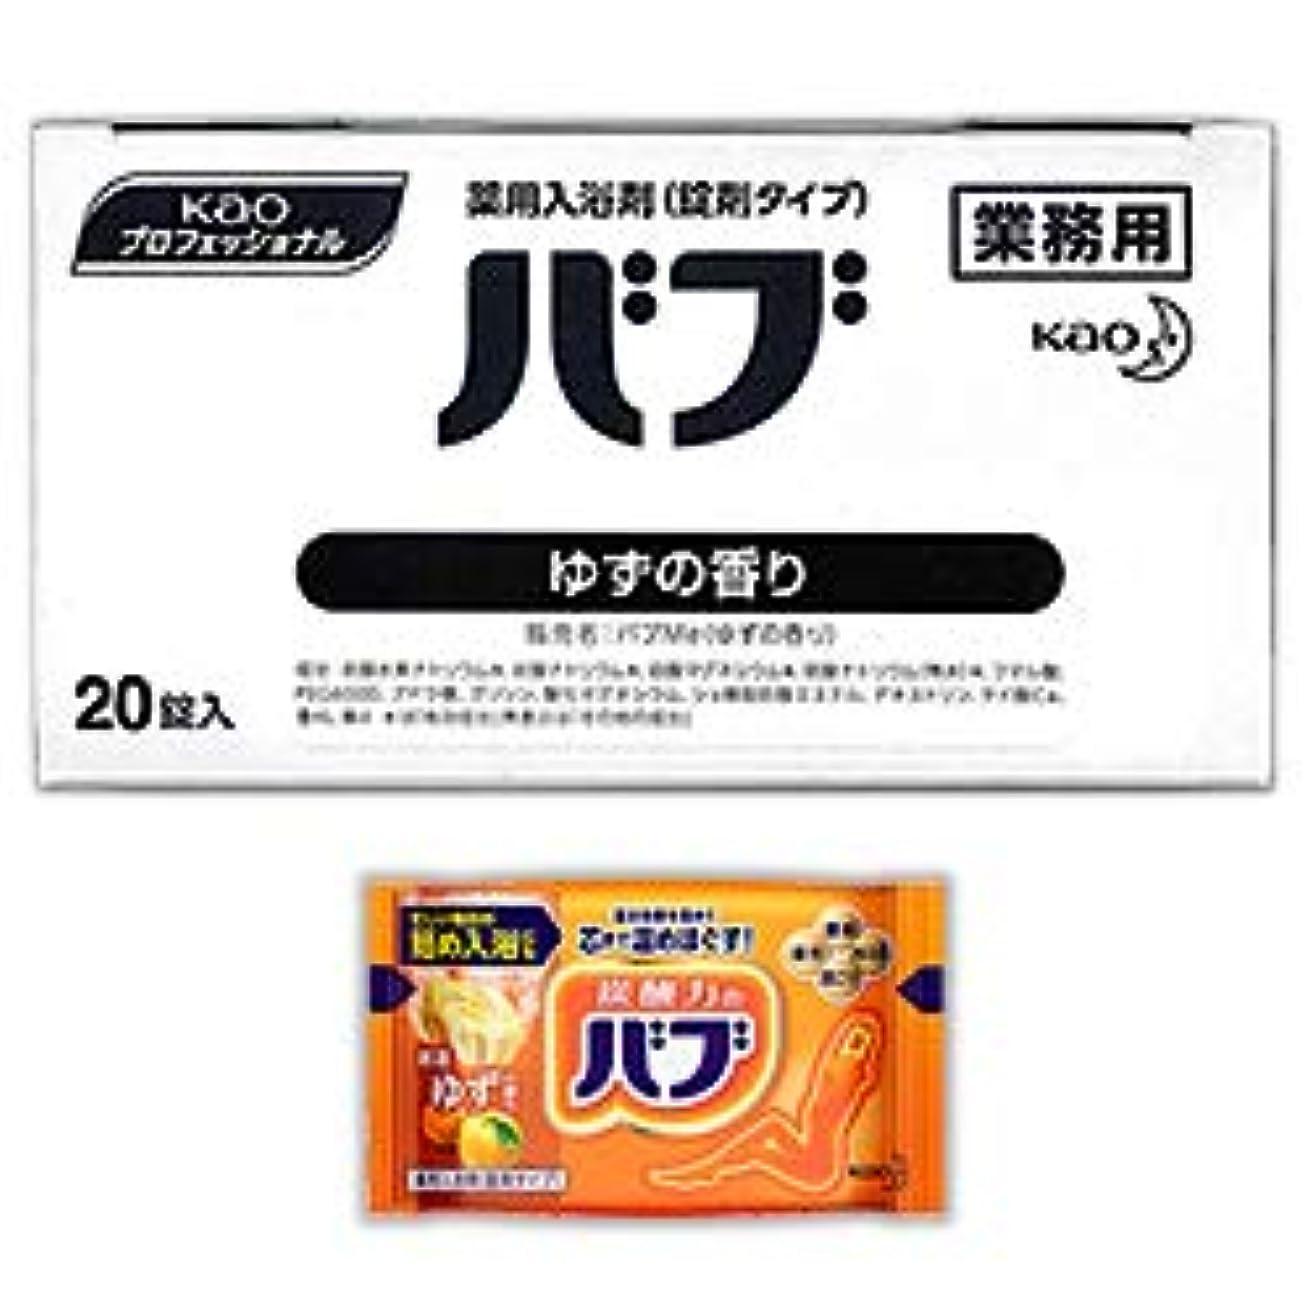 スーパー旋律的嫉妬【花王】Kaoプロフェッショナル バブ ゆずの香り(業務用) 40g×20錠入 ×2個セット